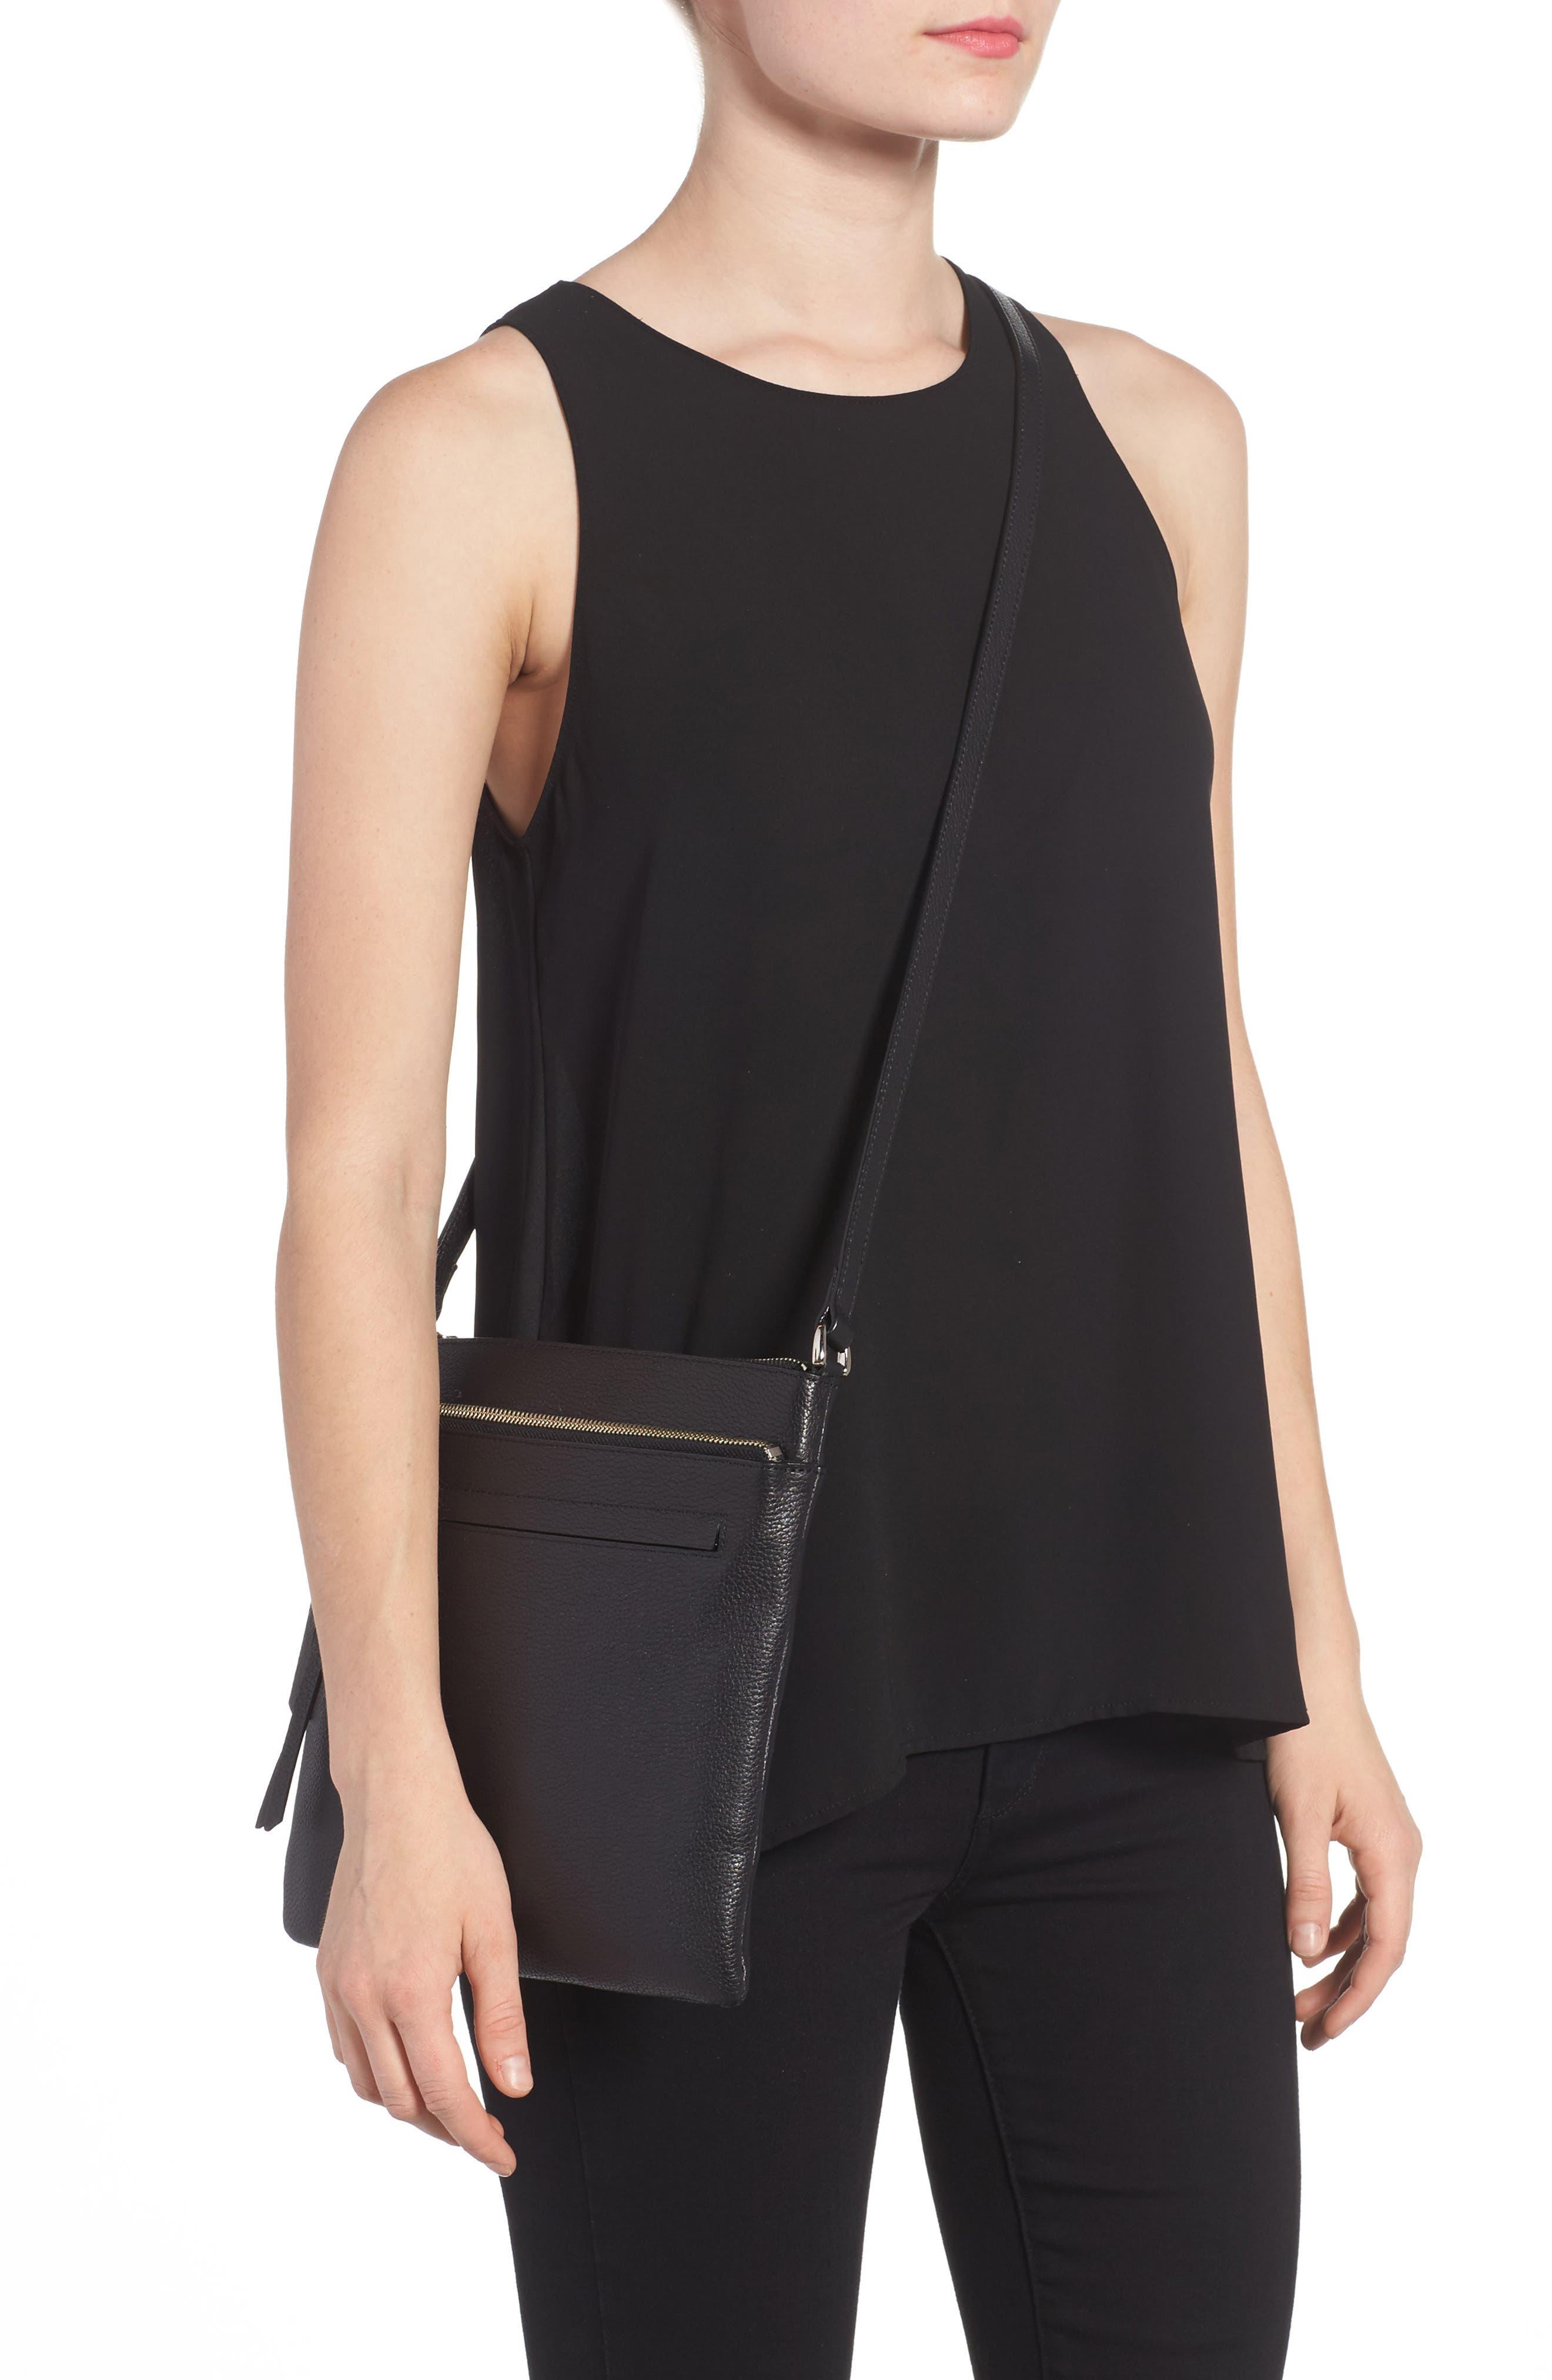 NORDSTROM, Finn Leather Crossbody Bag, Alternate thumbnail 2, color, BLACK